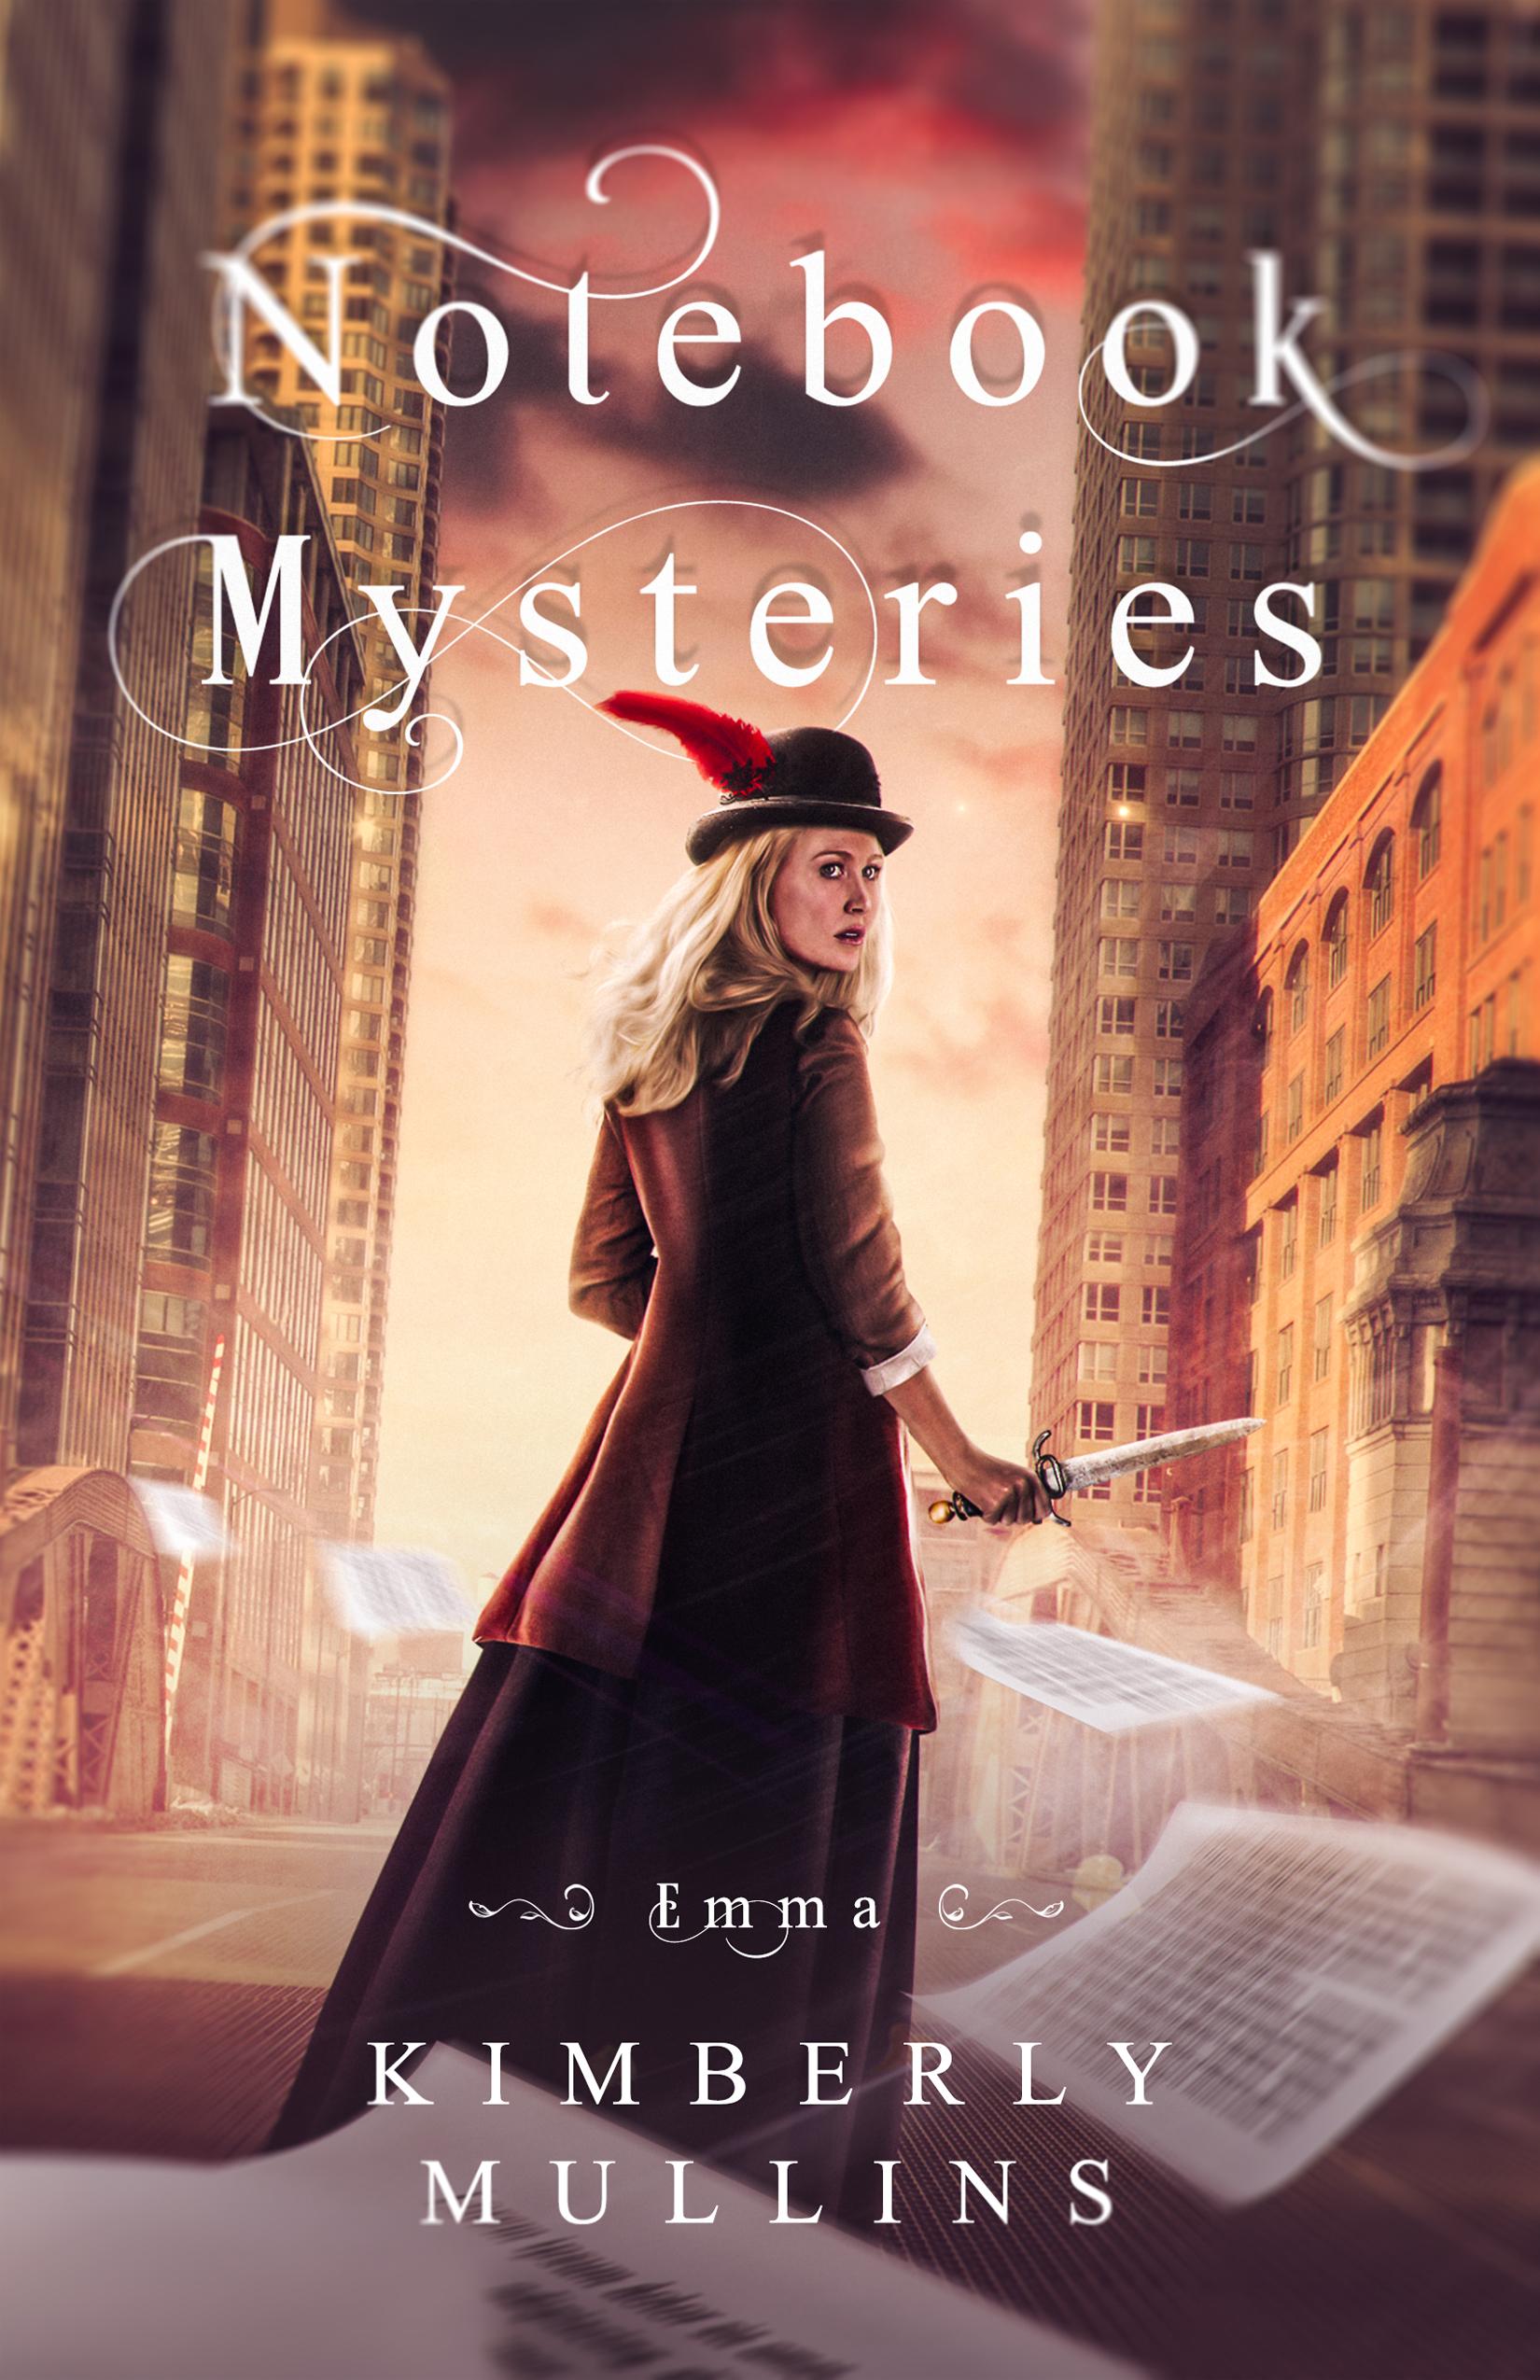 Notebook Mysteries Series